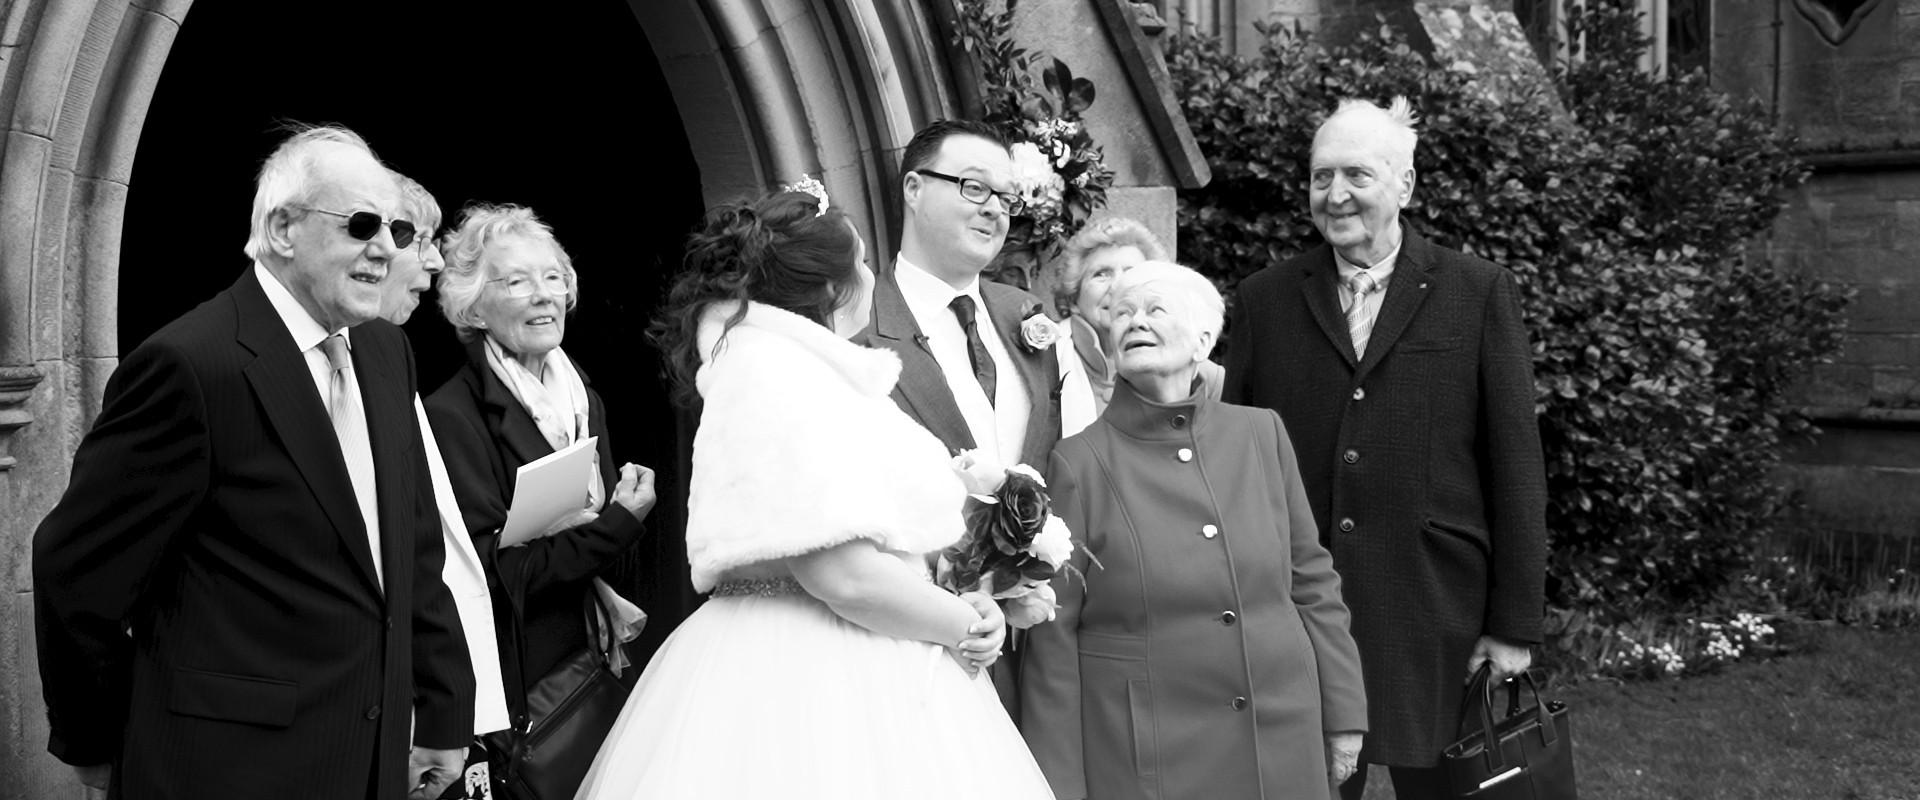 Wedding-ShortFilm-BW.00_04_53_06.Still03